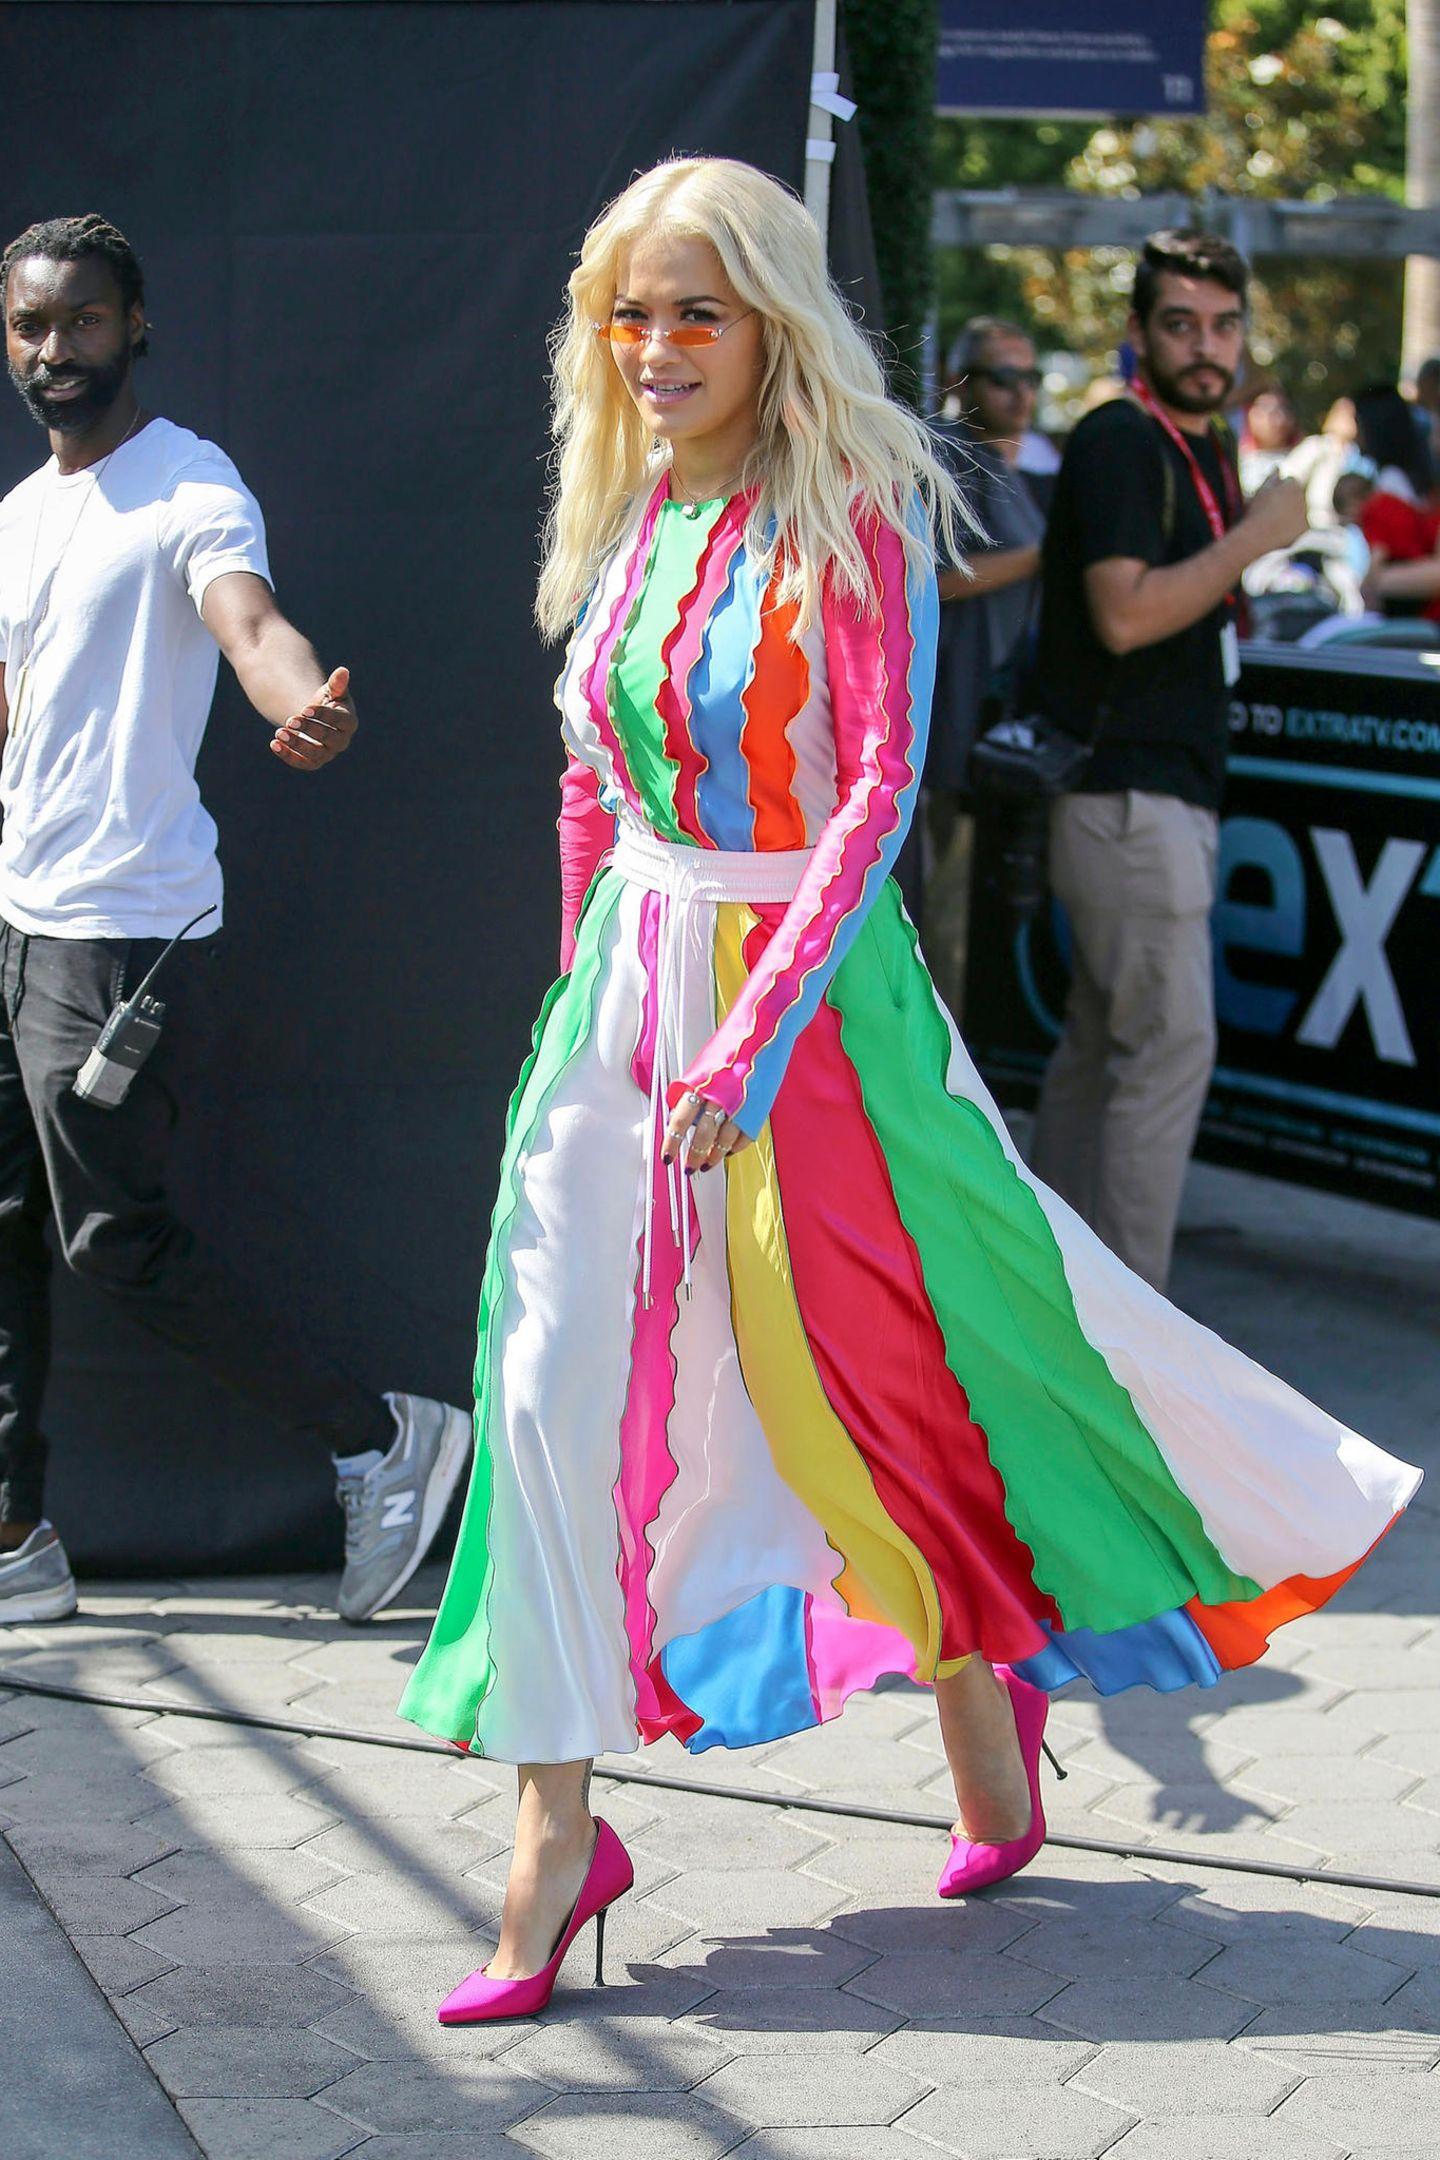 In Los Angeles erwischen Paparazzi Rita Ora in diesem farbenfrohen Gute-Laune-Look auf der Straße. In einem gestreiften Ensemble in bunten Regenbogenfarben des nepalesisch-amerikanischenDesigners Prabal Gurung. Besonderer Hingucker: Der flatterhafte Rock, der sich so schön im Wind bewegt.